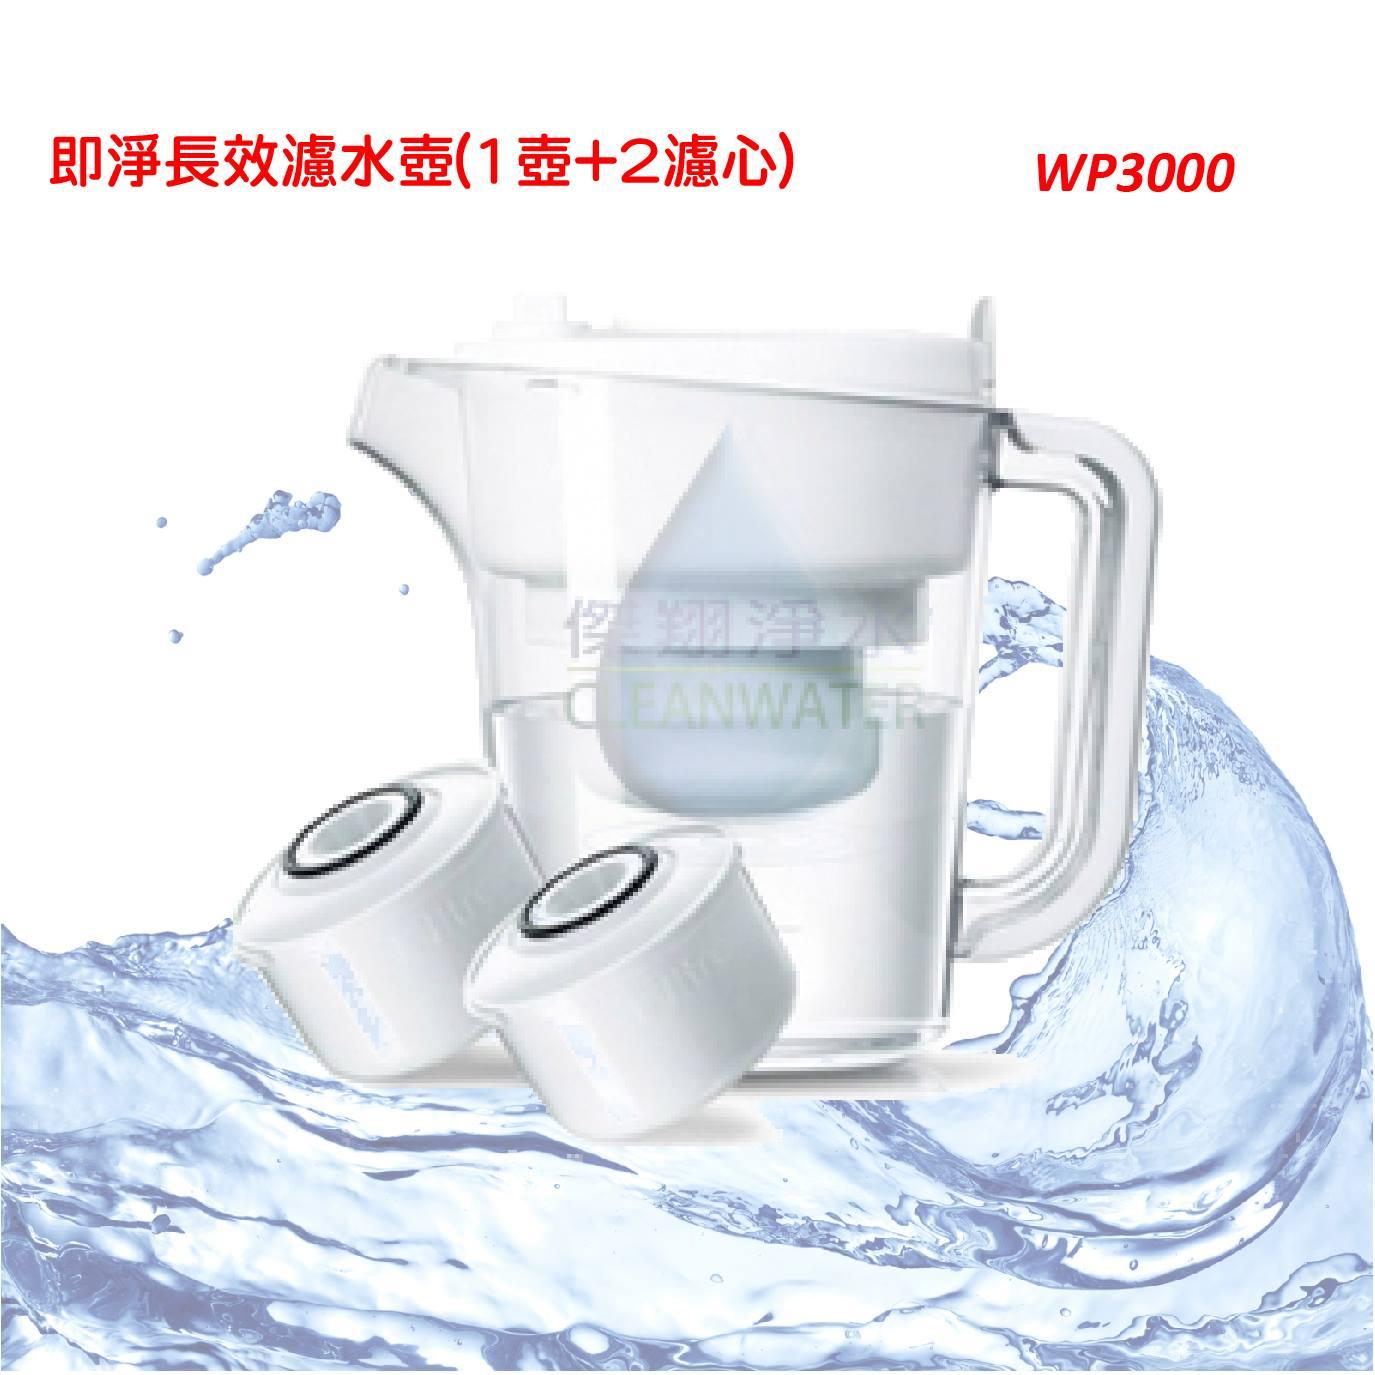 3M 即淨長效濾水壺(1壺+2濾心) WP3000